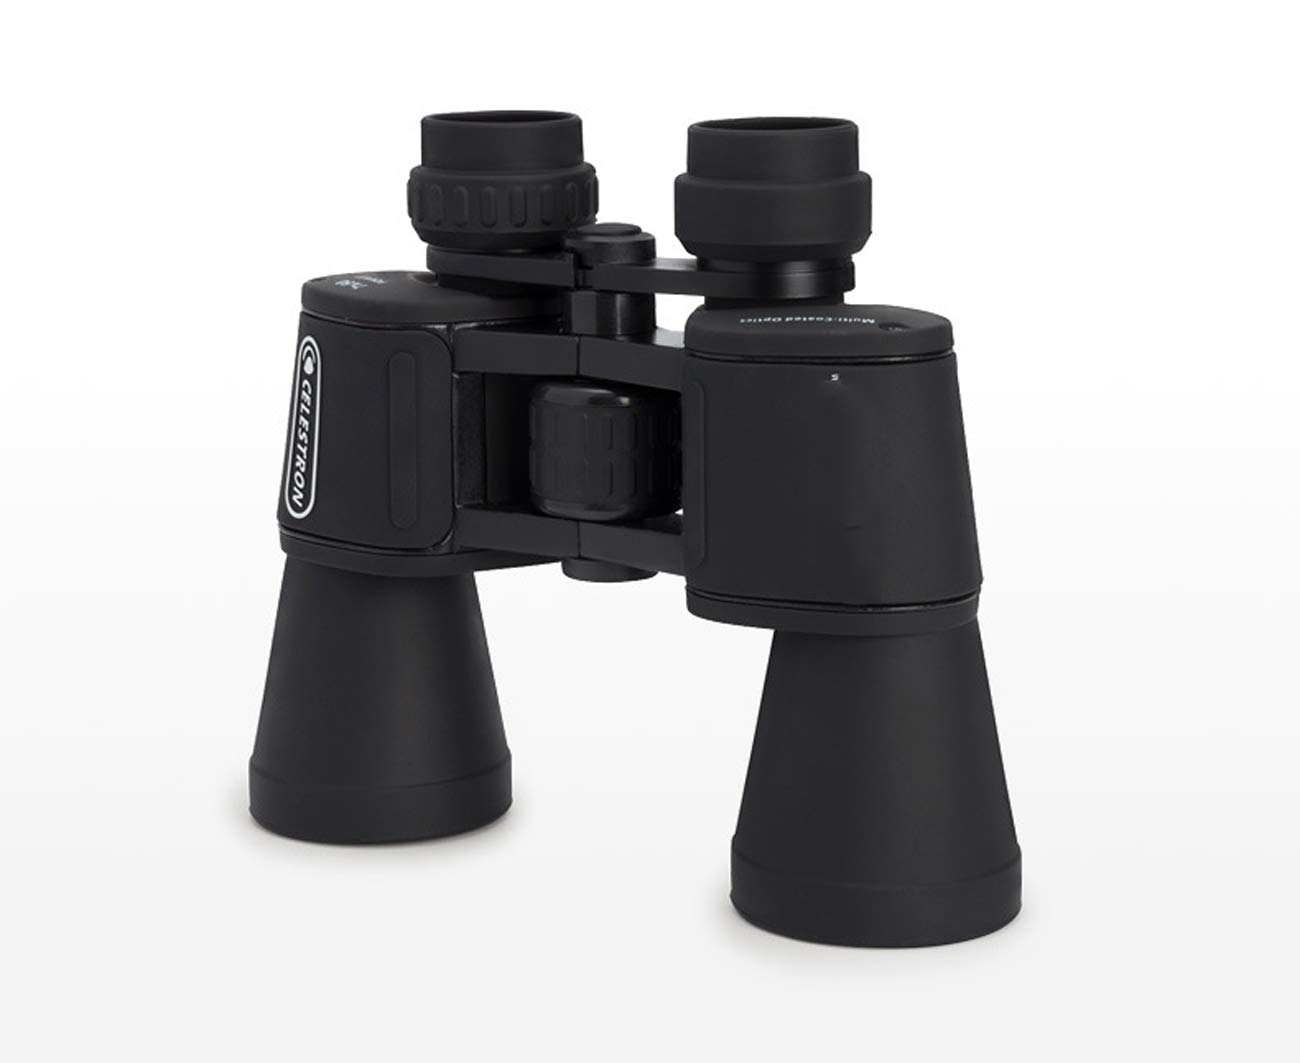 品質満点 7X50 プリズム 双眼鏡 コンパクト ポータブル HD キャリーケース 望遠鏡 子供用 大人用 防水 防霧 バードウォッチング スポーツ アウトドア HD 光学式 望遠鏡 BAK4 プリズム FMC レンズ 三脚ネックストラップ付き キャリーケース B07JDTW7JC, 萩市:23dc9af8 --- a0267596.xsph.ru